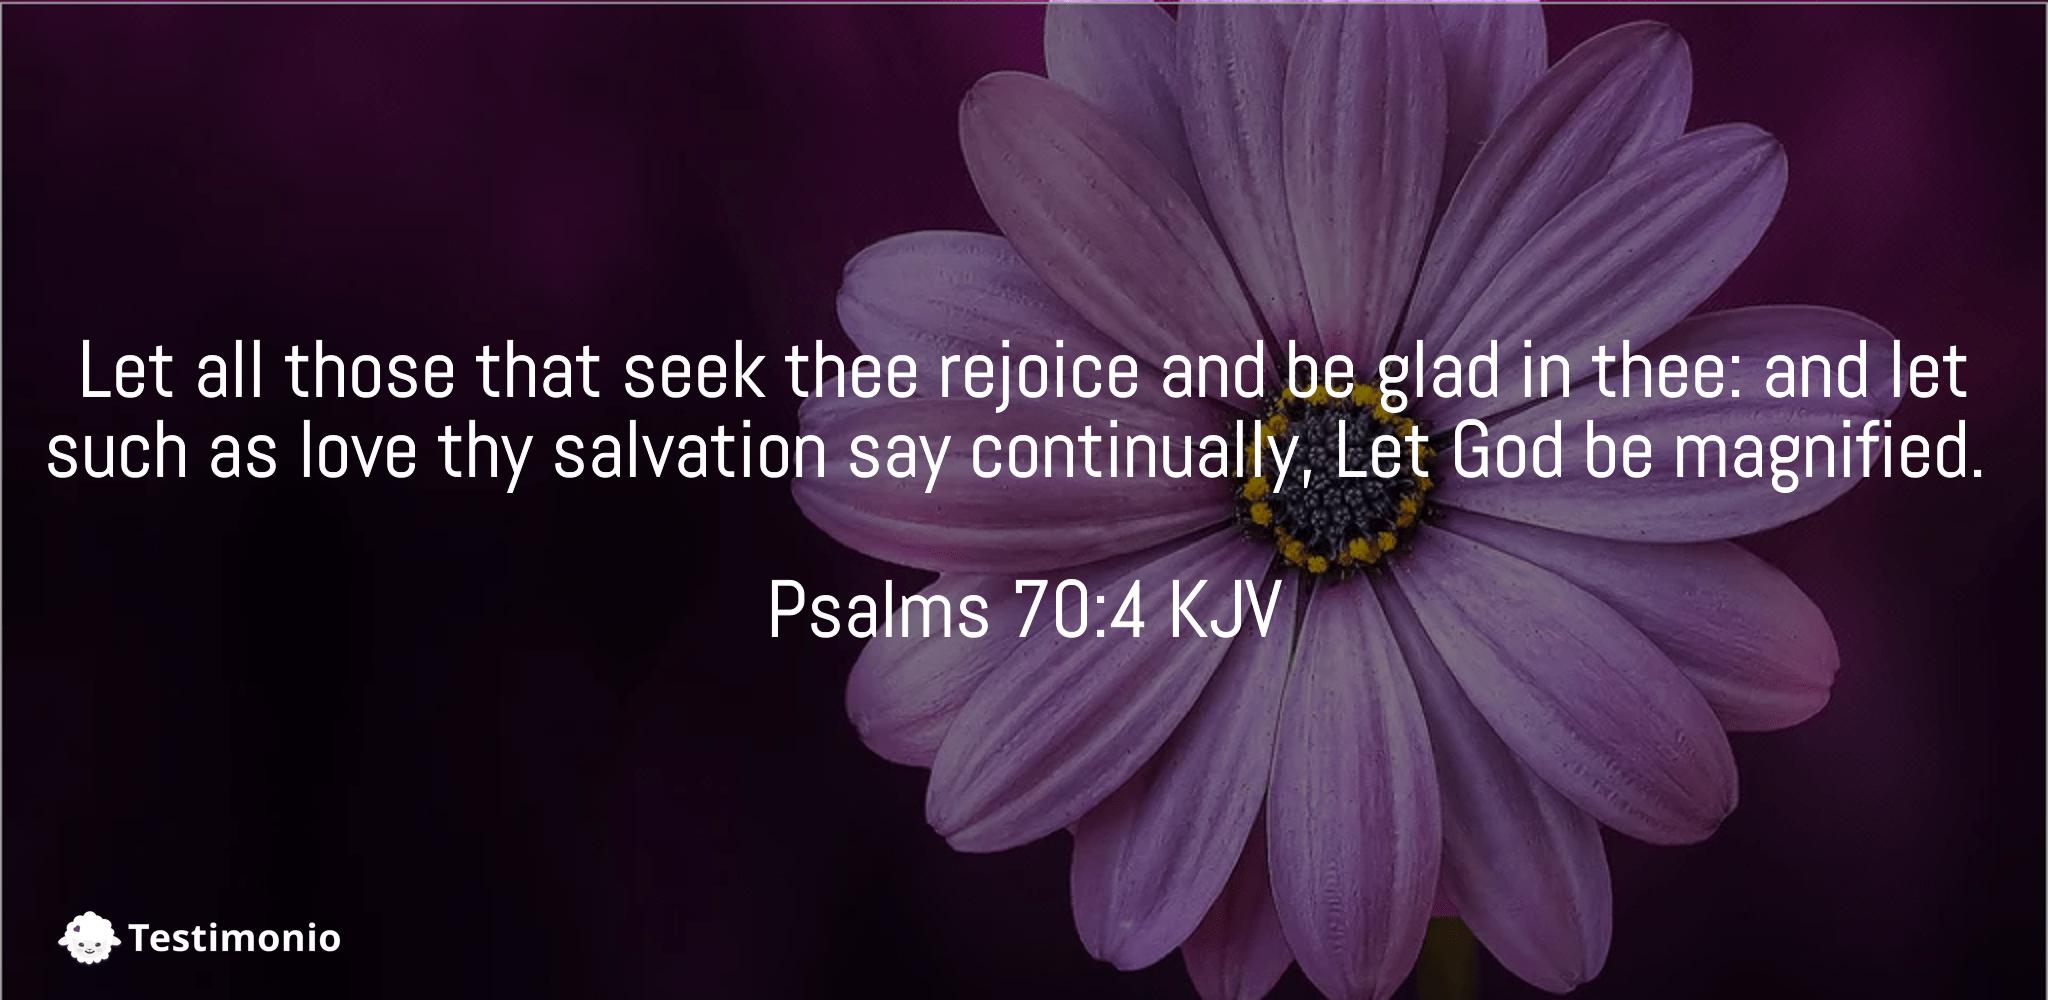 Psalms 70:4